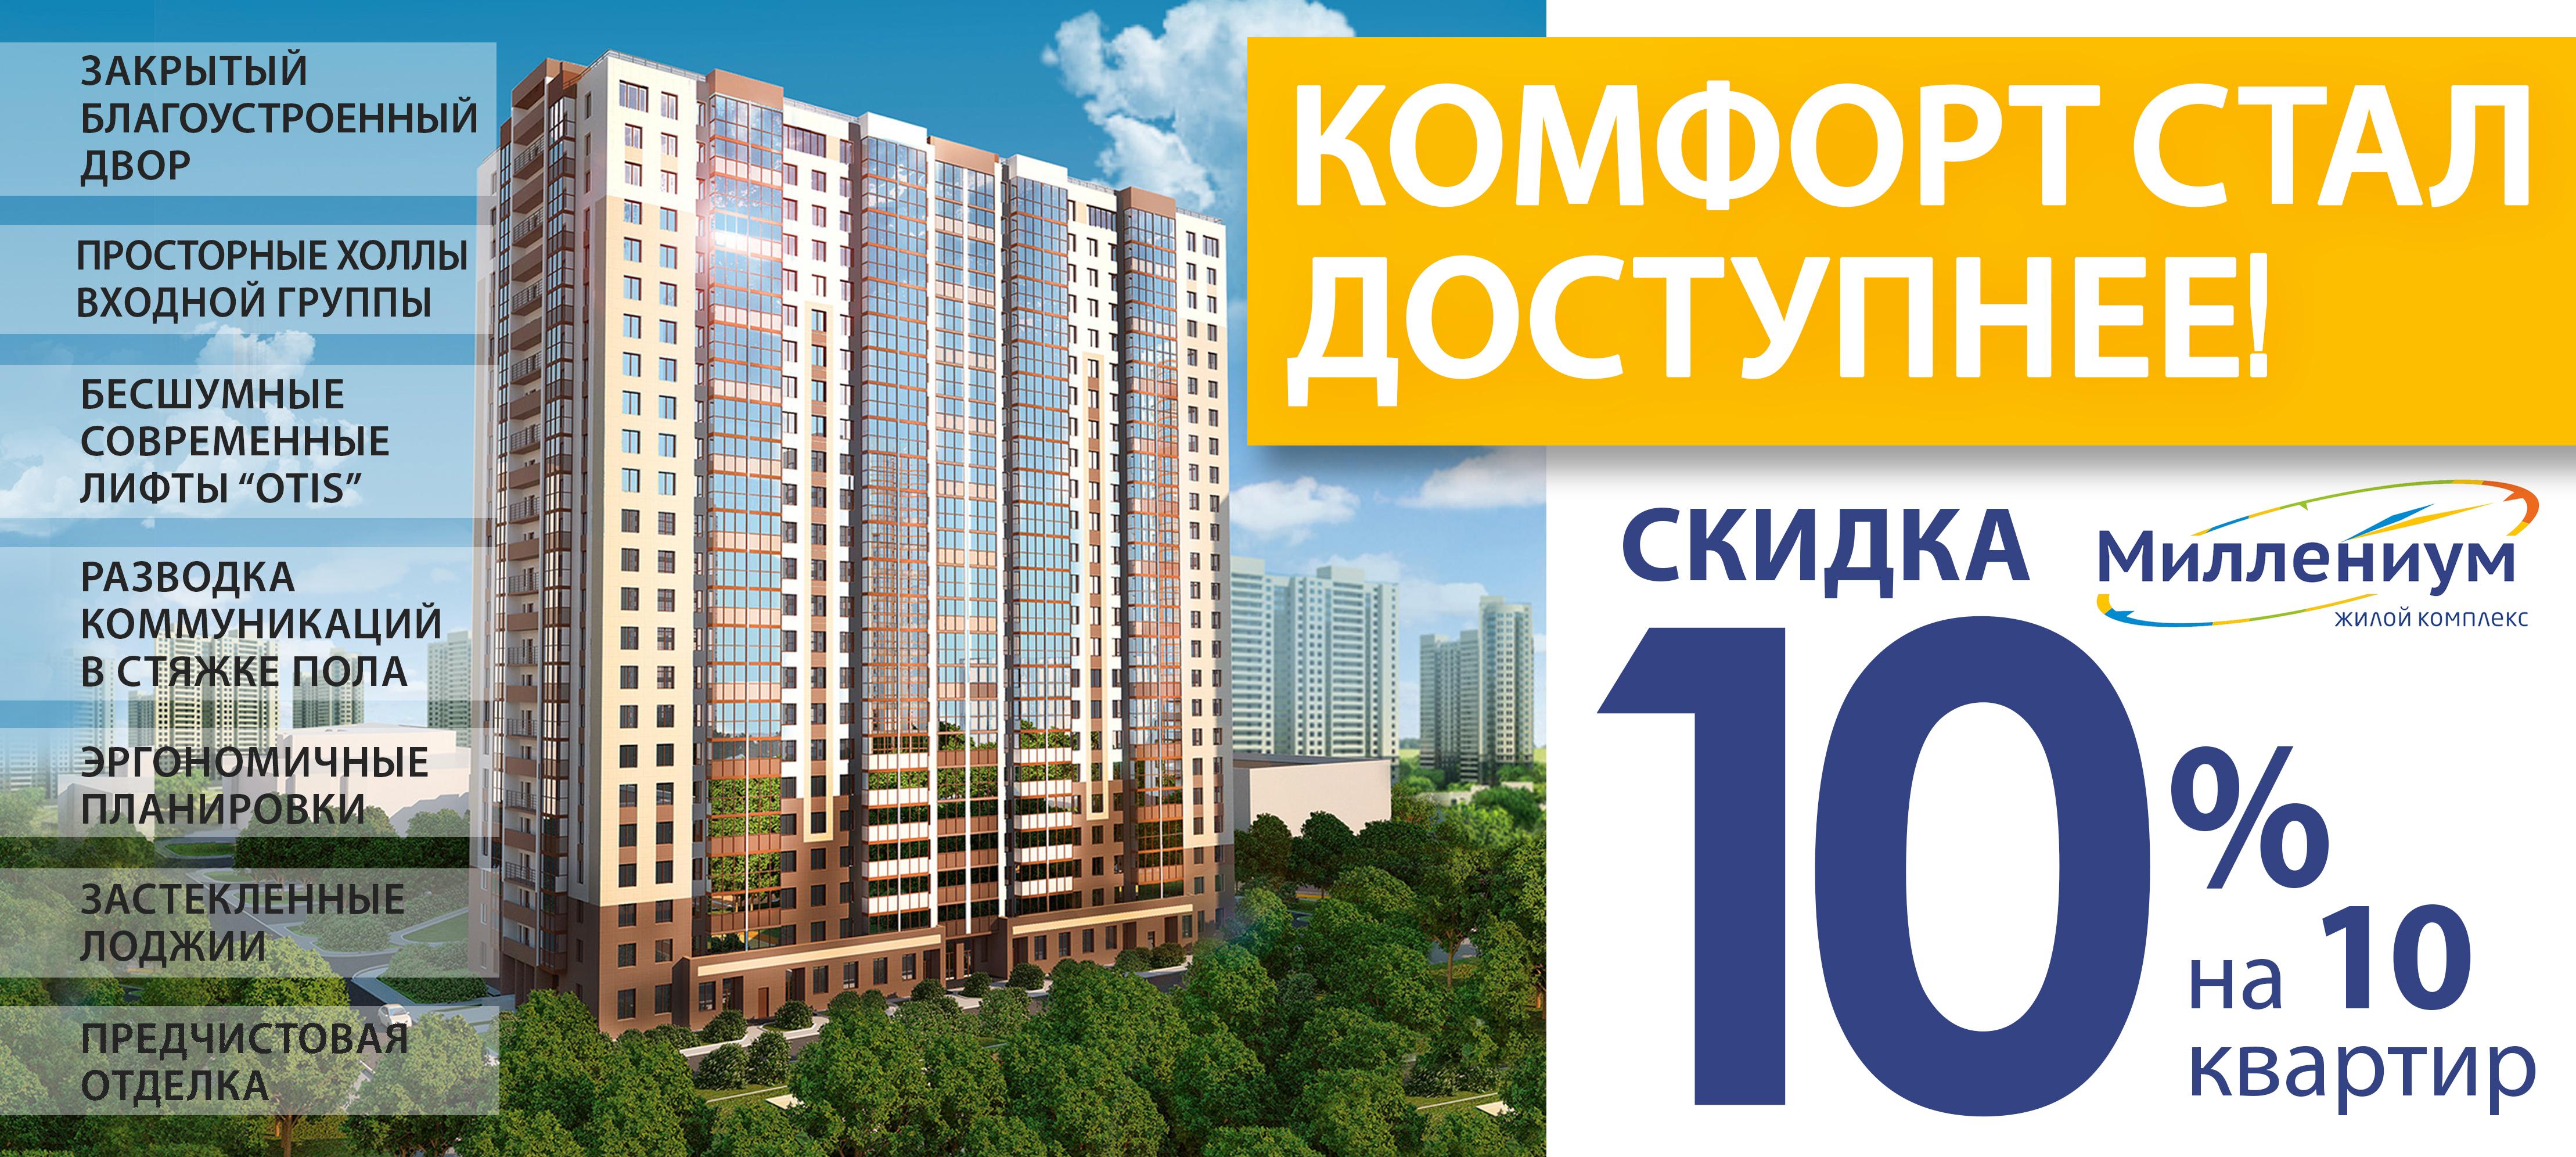 Надежные застройщики СанктПетербурга купить квартиру от